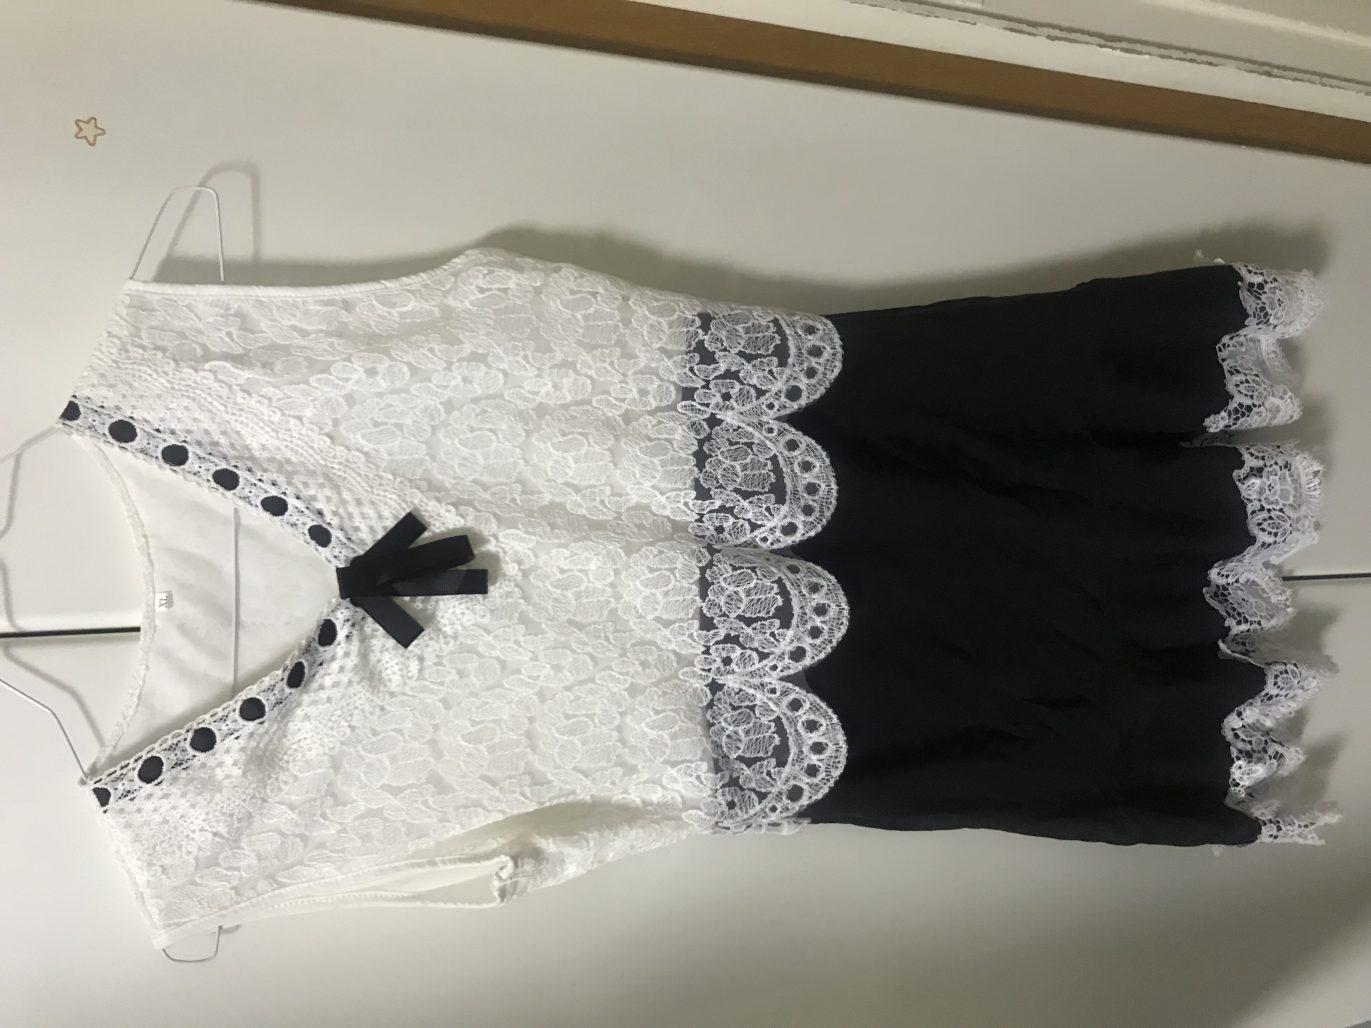 תמונות נוספות של שמלות ערב